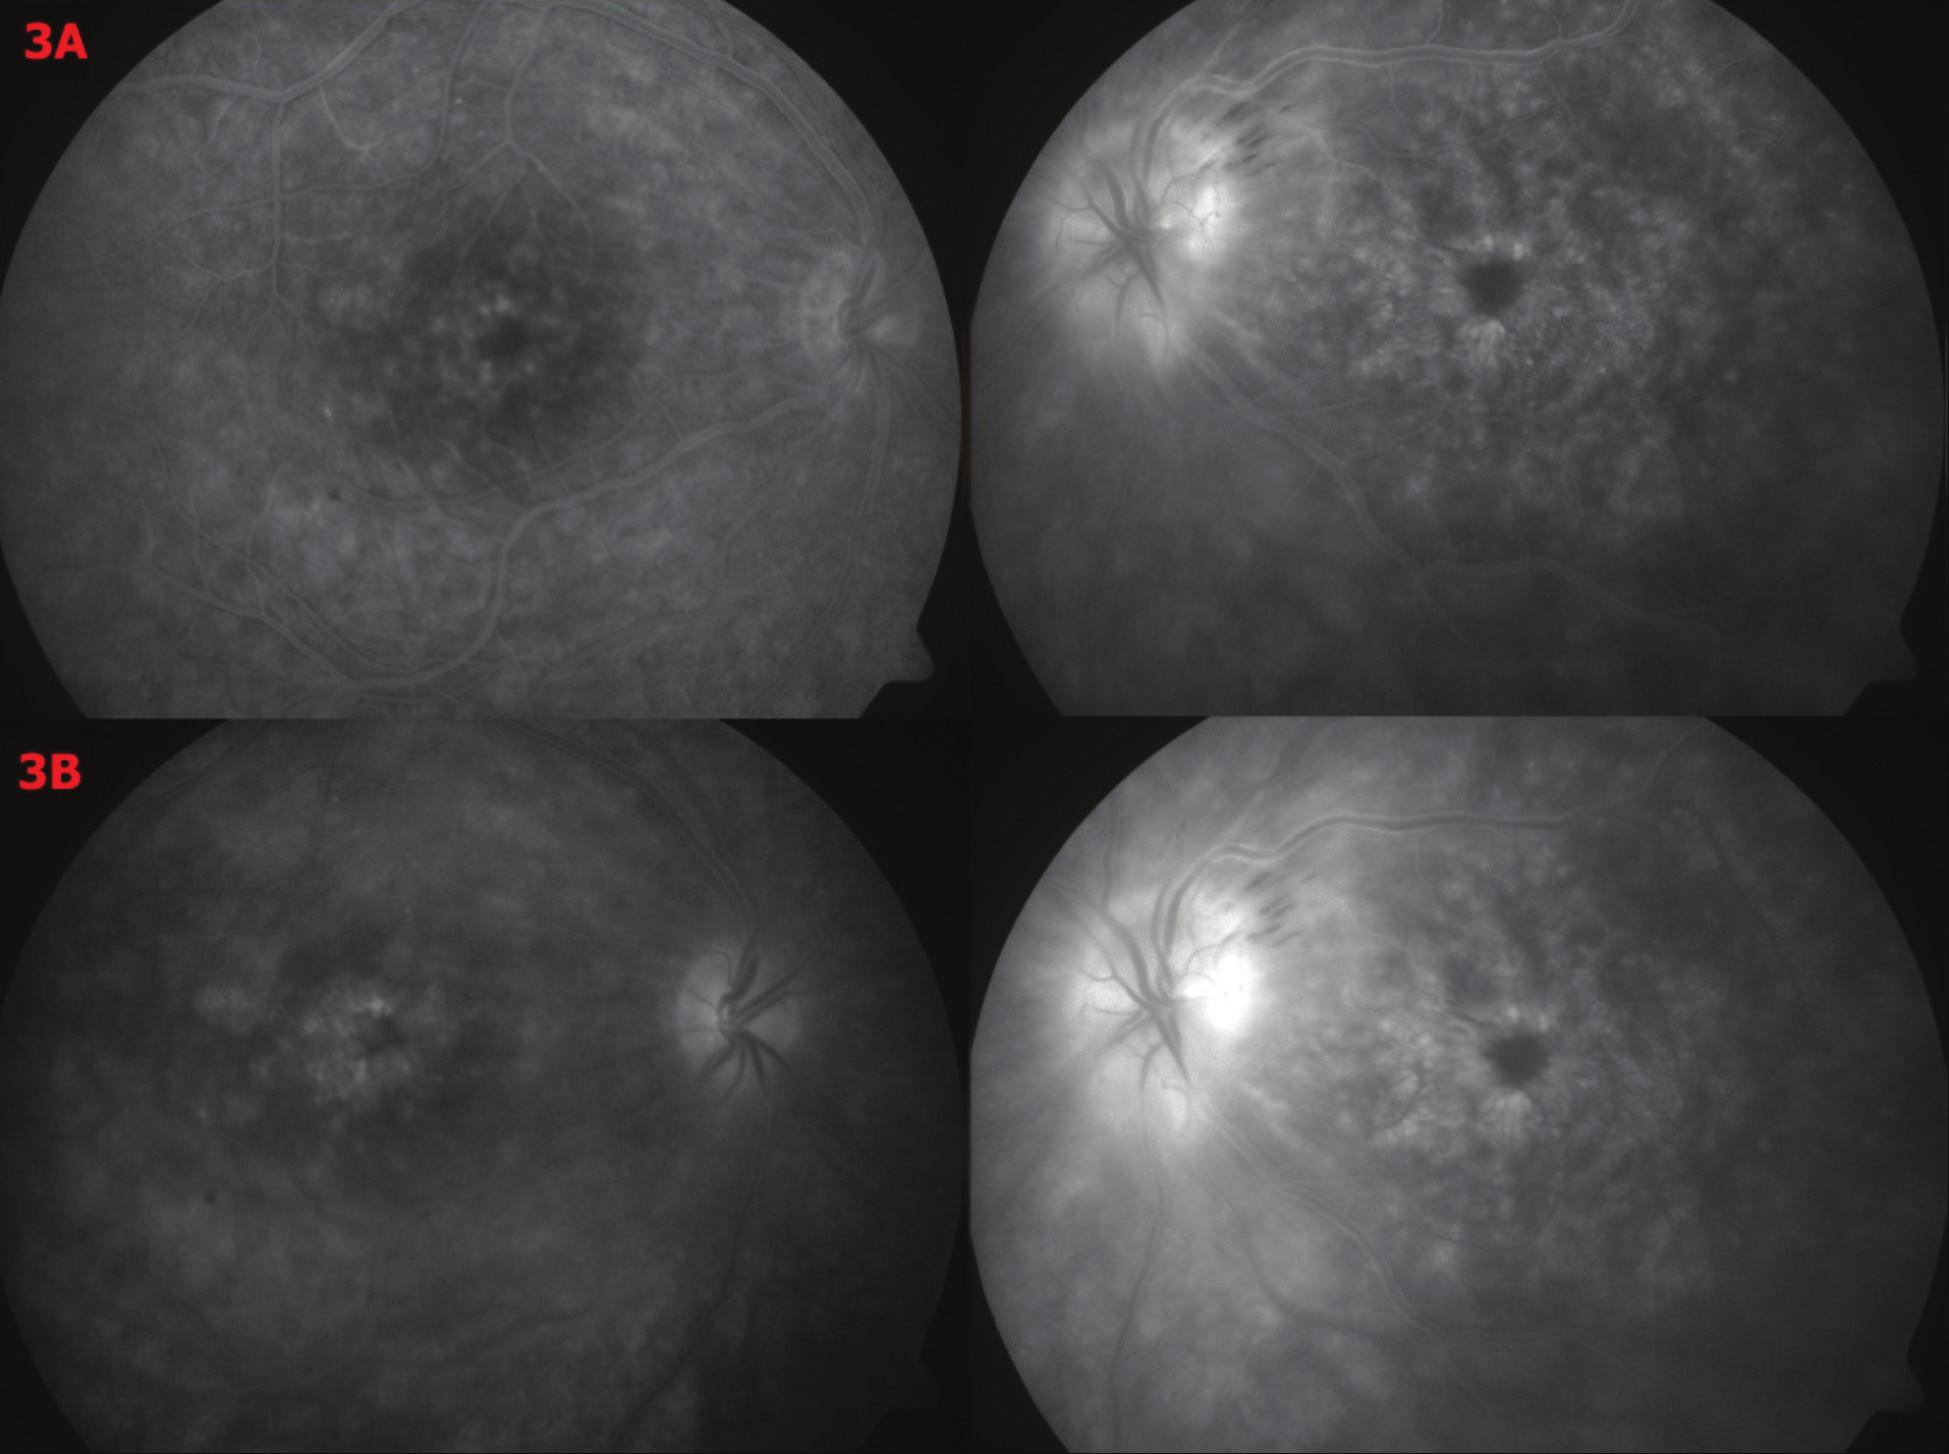 Fluorescenční angiografie OPL – vstupní nález 3A – V makule OPL patrná hyperfluorescence v časných fázích 3B – s časem fluorescence narůstá a cystoidní prostory se naplňují a vytváří klasický petaloidní obraz V periferii sítnice nalézáme drobné defekty RPE bez prosakování. Nález svědčí pro CME bilaterálně, bez známek přítomnosti neovaskulární membrány. Na levém amblyopickém oku je výrazná hyperfluorescence celého zrakového terče s maximem temporálně a výrazné, stupňující se prosakování barviva, které zbarvuje i přilehlou sítnici. Drobné peripapilární hemoragie temporálně nahoře doplňují nález. Jde zřejmě o obraz ischemického edému terče